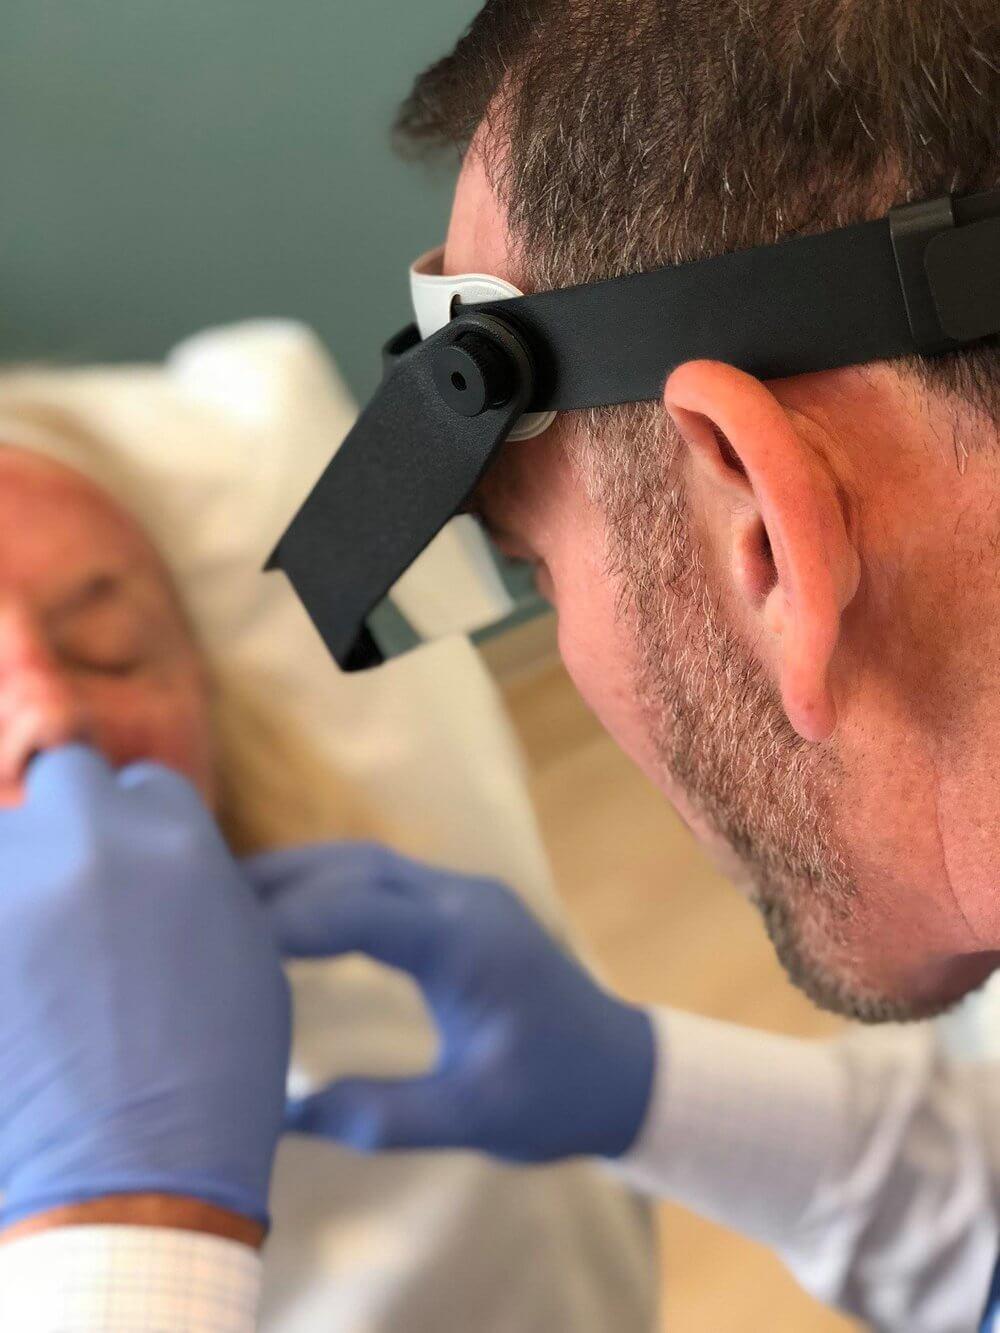 Dr. Petteruti using Restylane to fill the beautiful woman's lips.